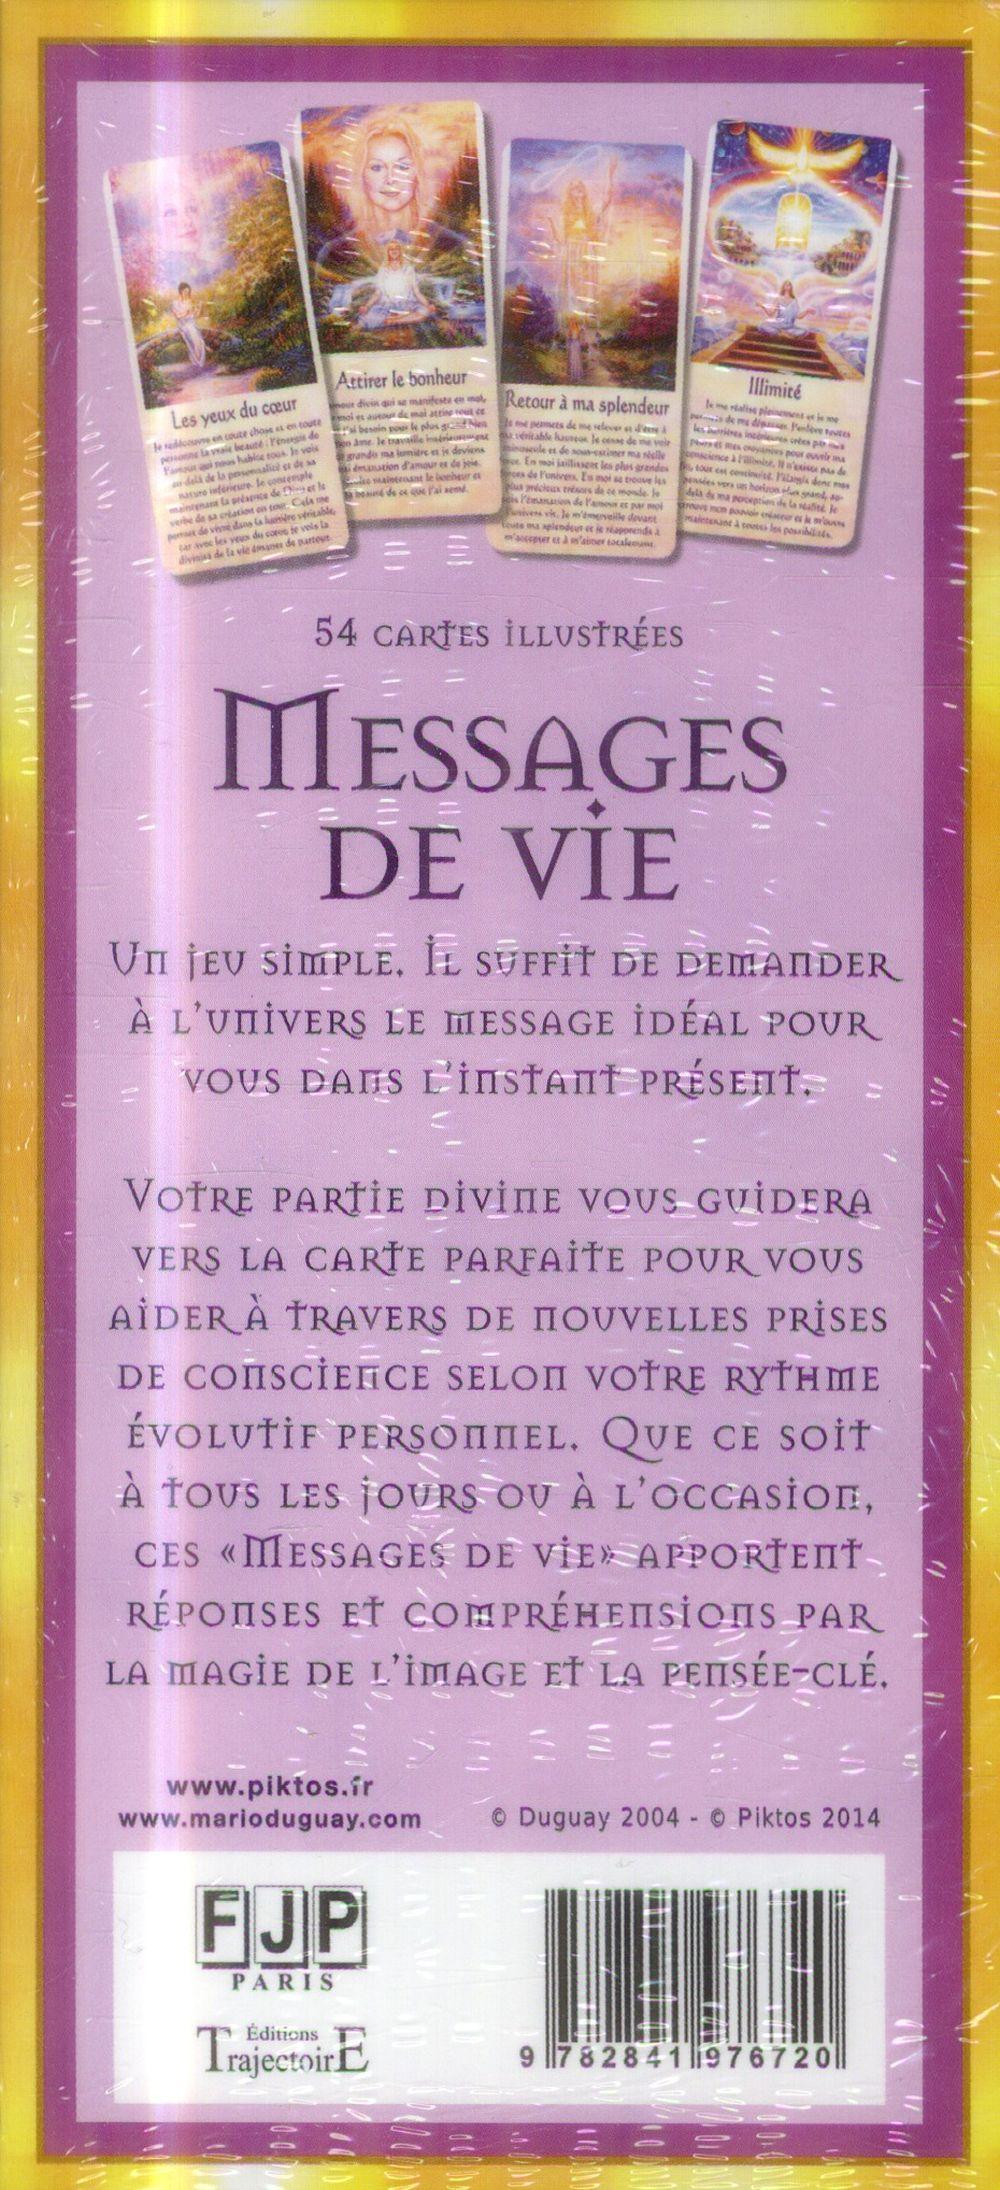 Messages de vie  ; 54 cartes illustrées